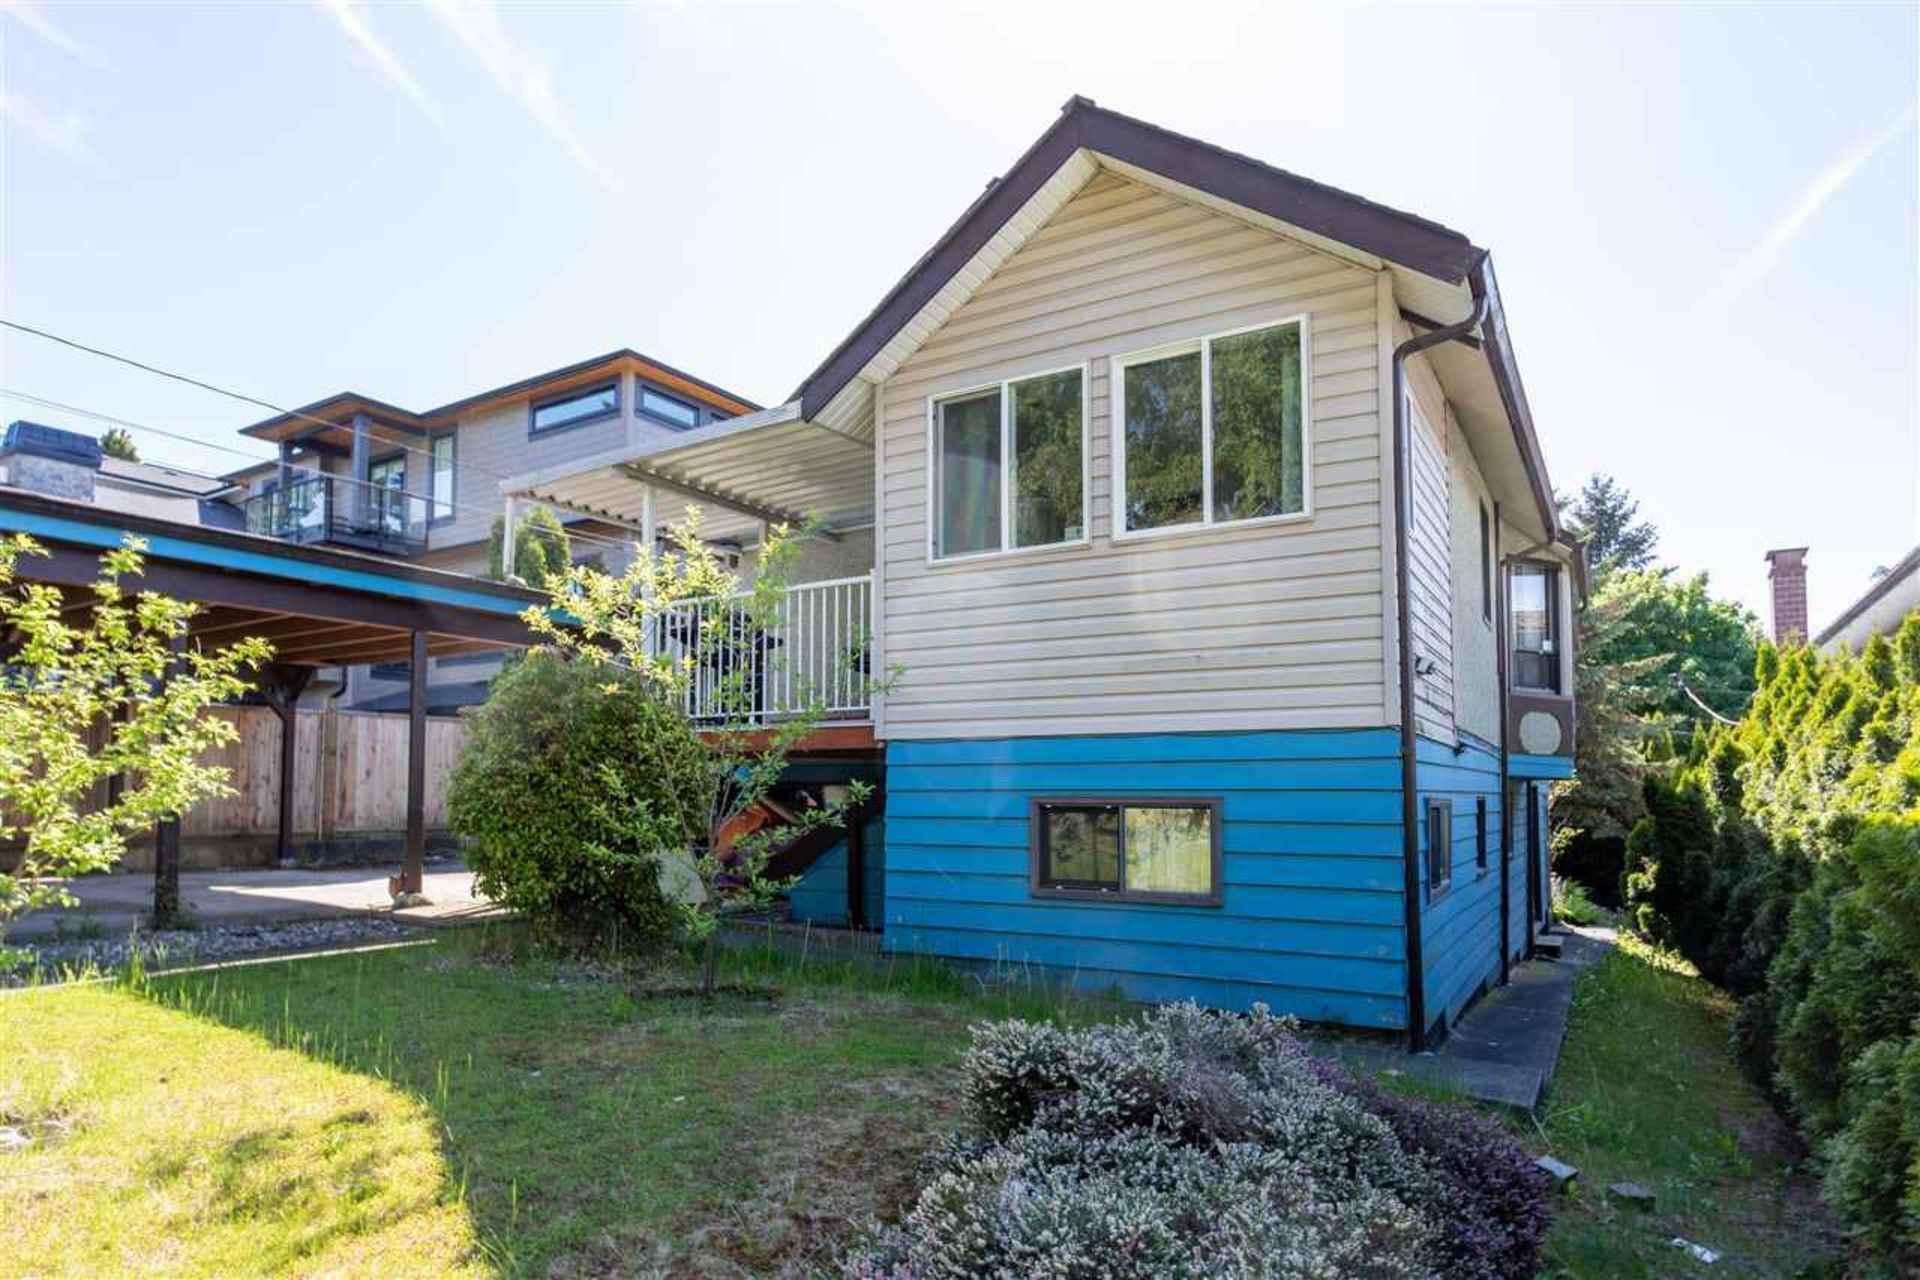 6036-brantford-avenue-upper-deer-lake-burnaby-south-07 at 6036 Brantford Avenue, Upper Deer Lake, Burnaby South